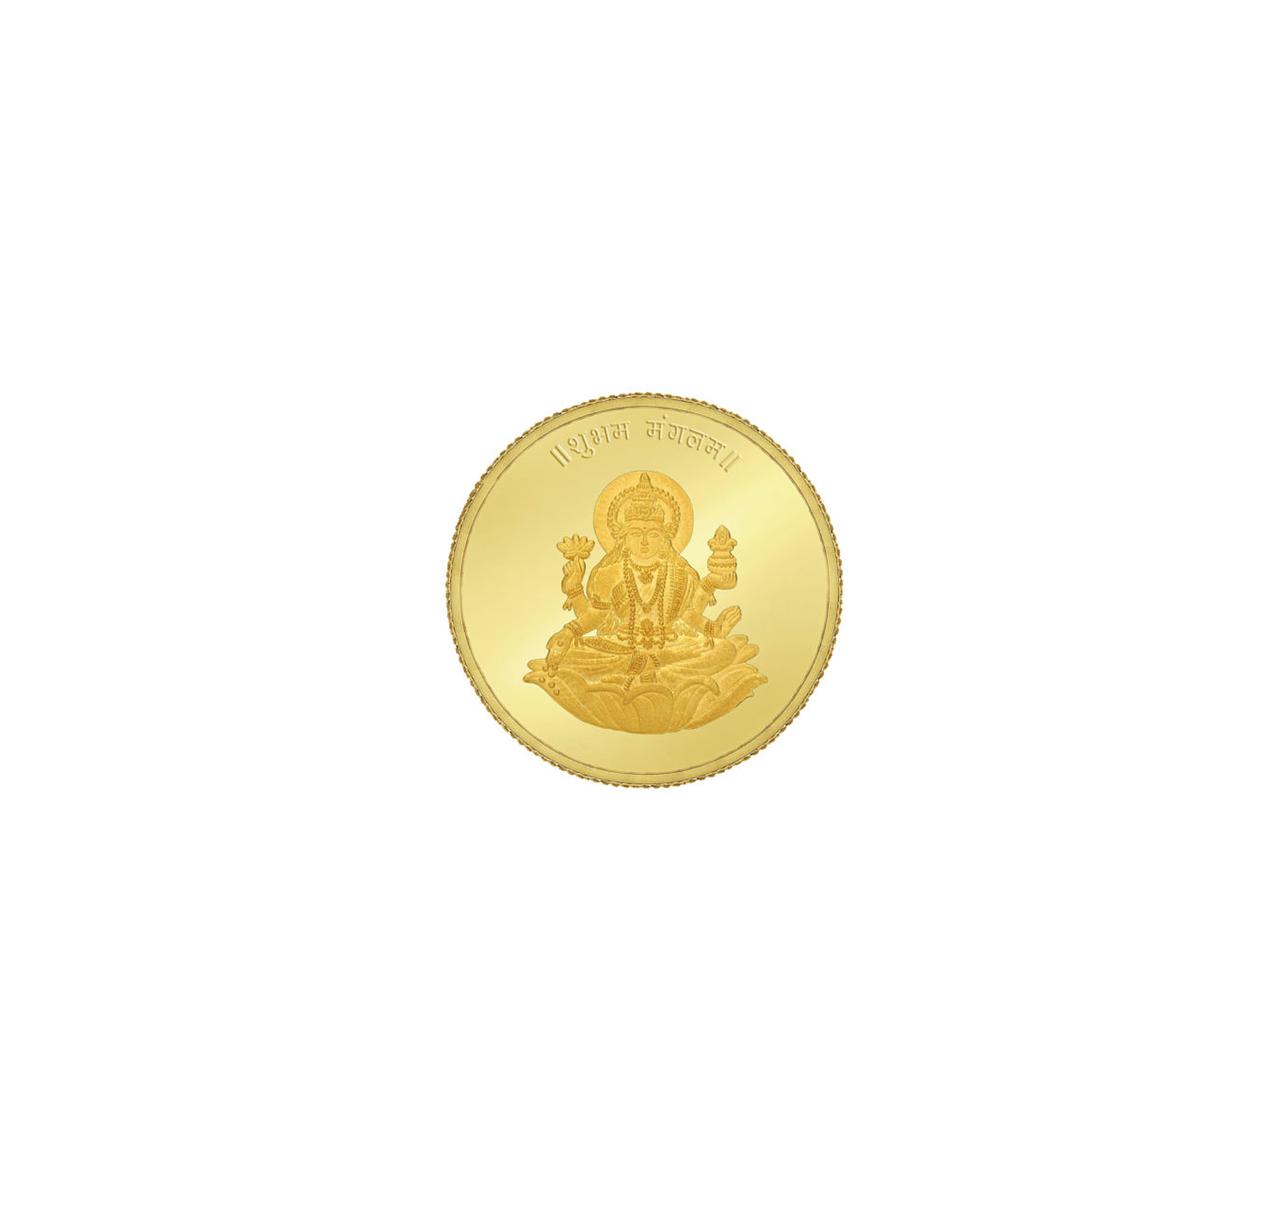 UK Royal Mint's first Goddess Lakshmi gold bar goes on sale for Diwali